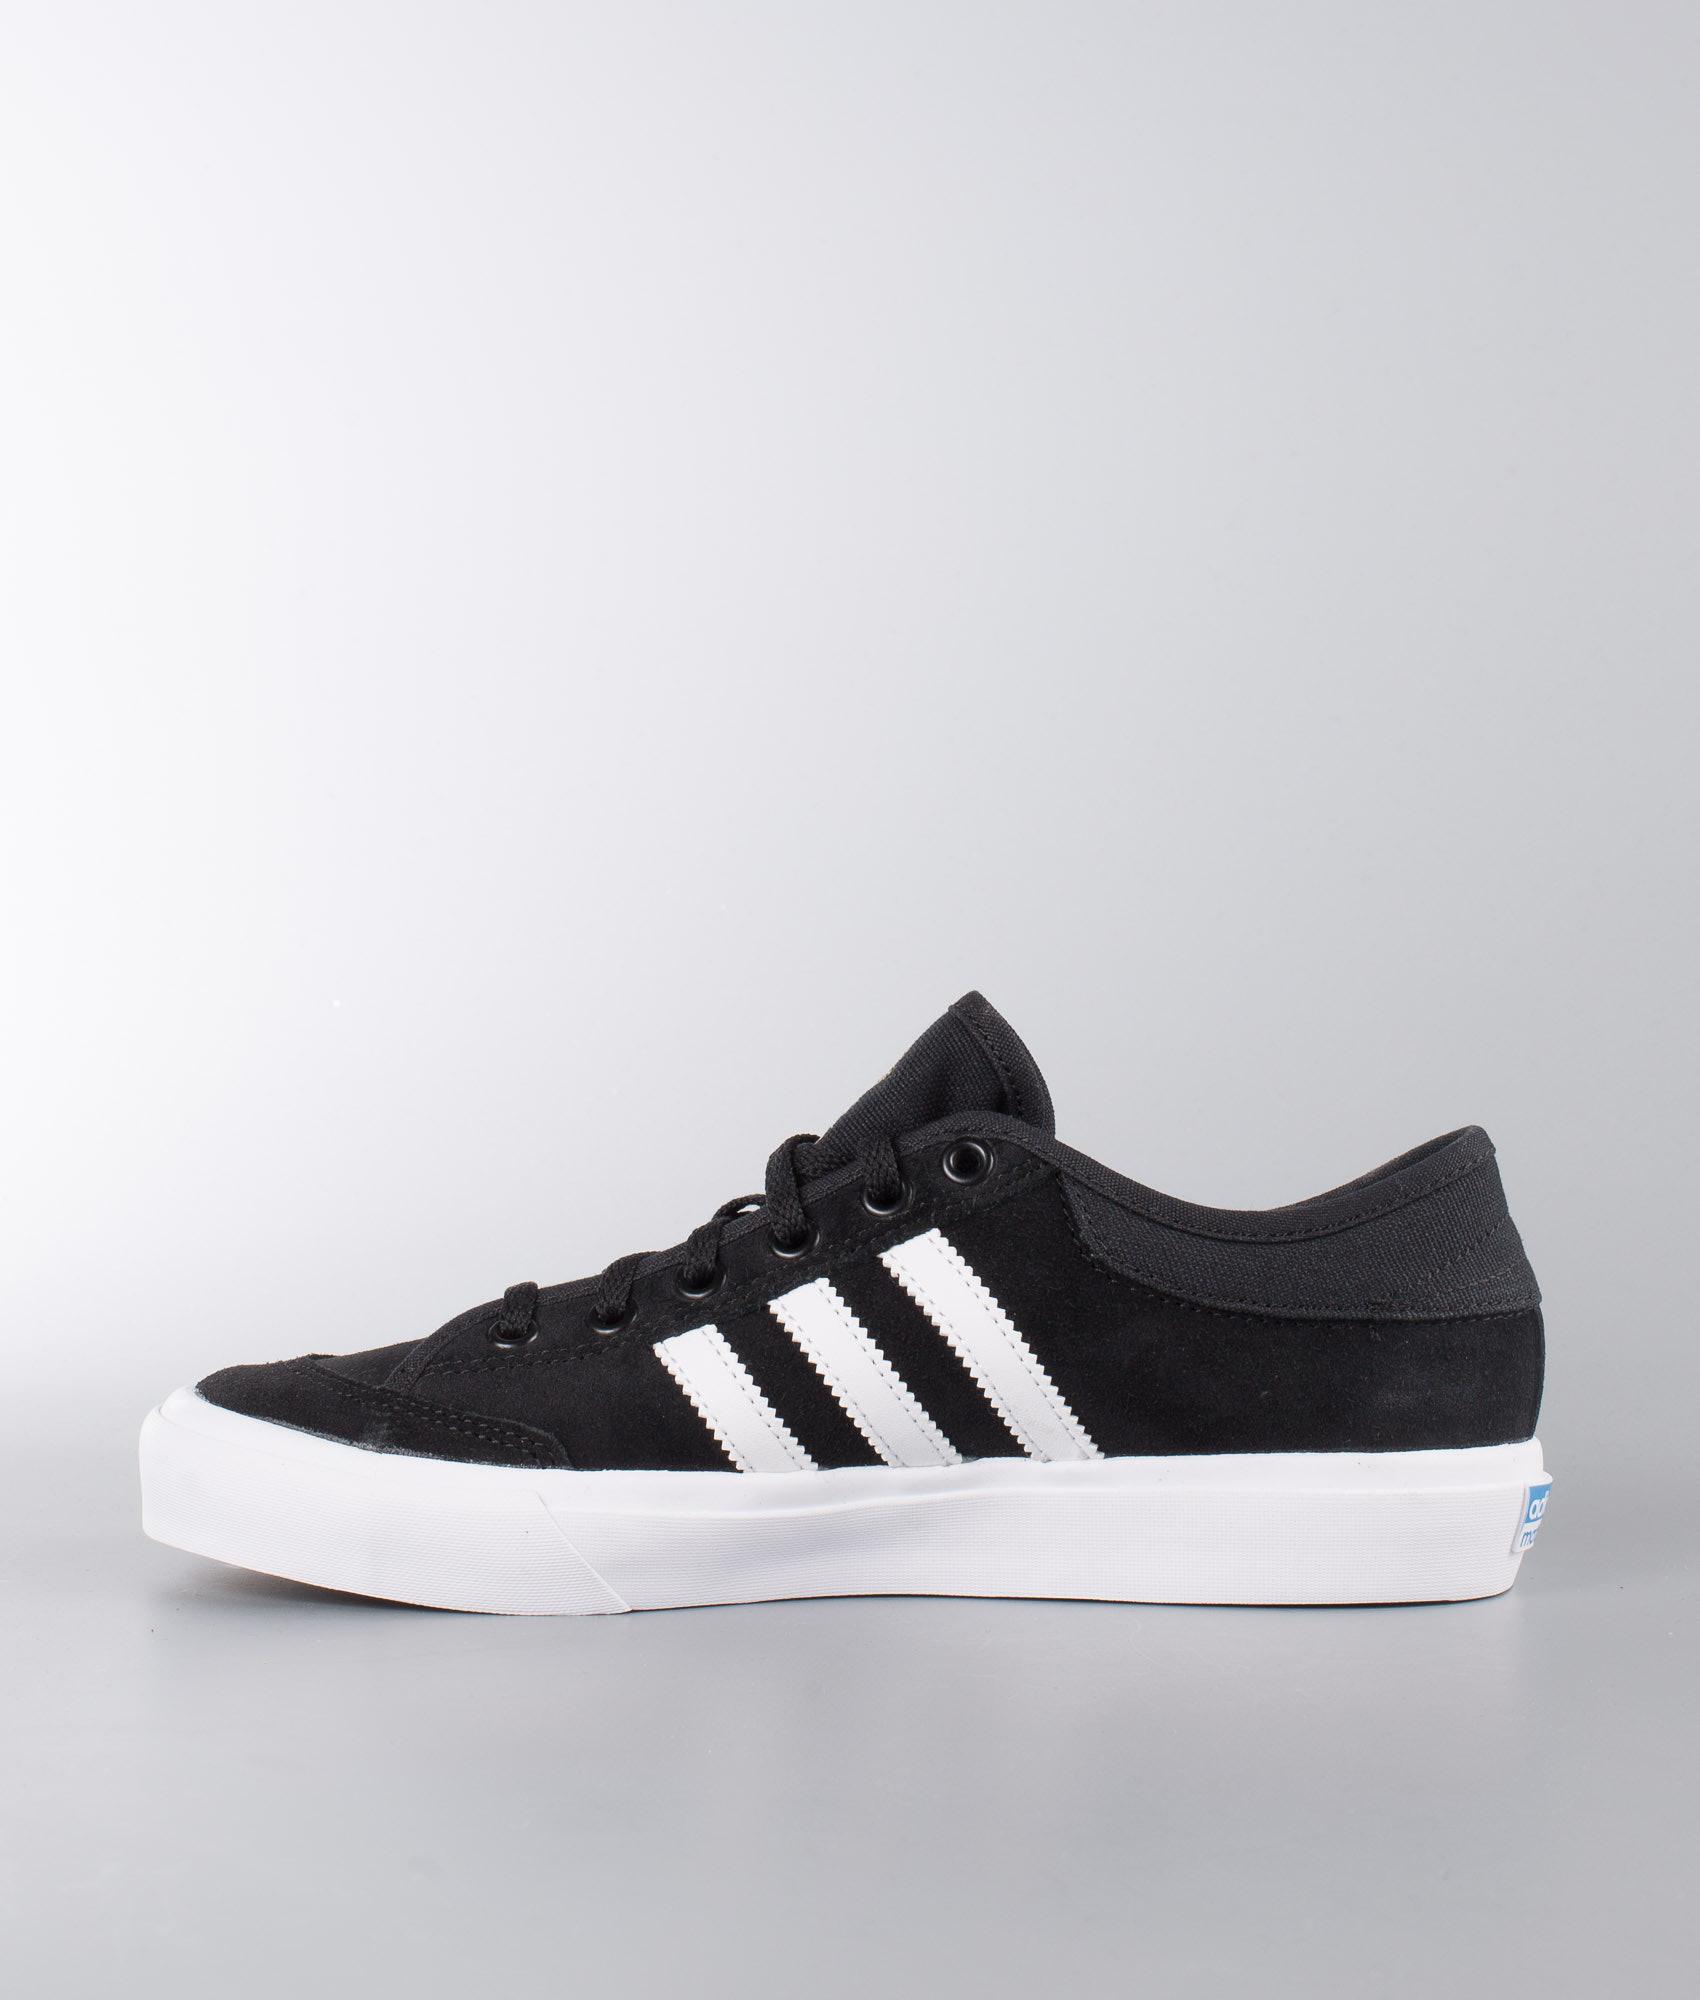 best service aa2f5 42744 Adidas Skateboarding Matchcourt Shoes